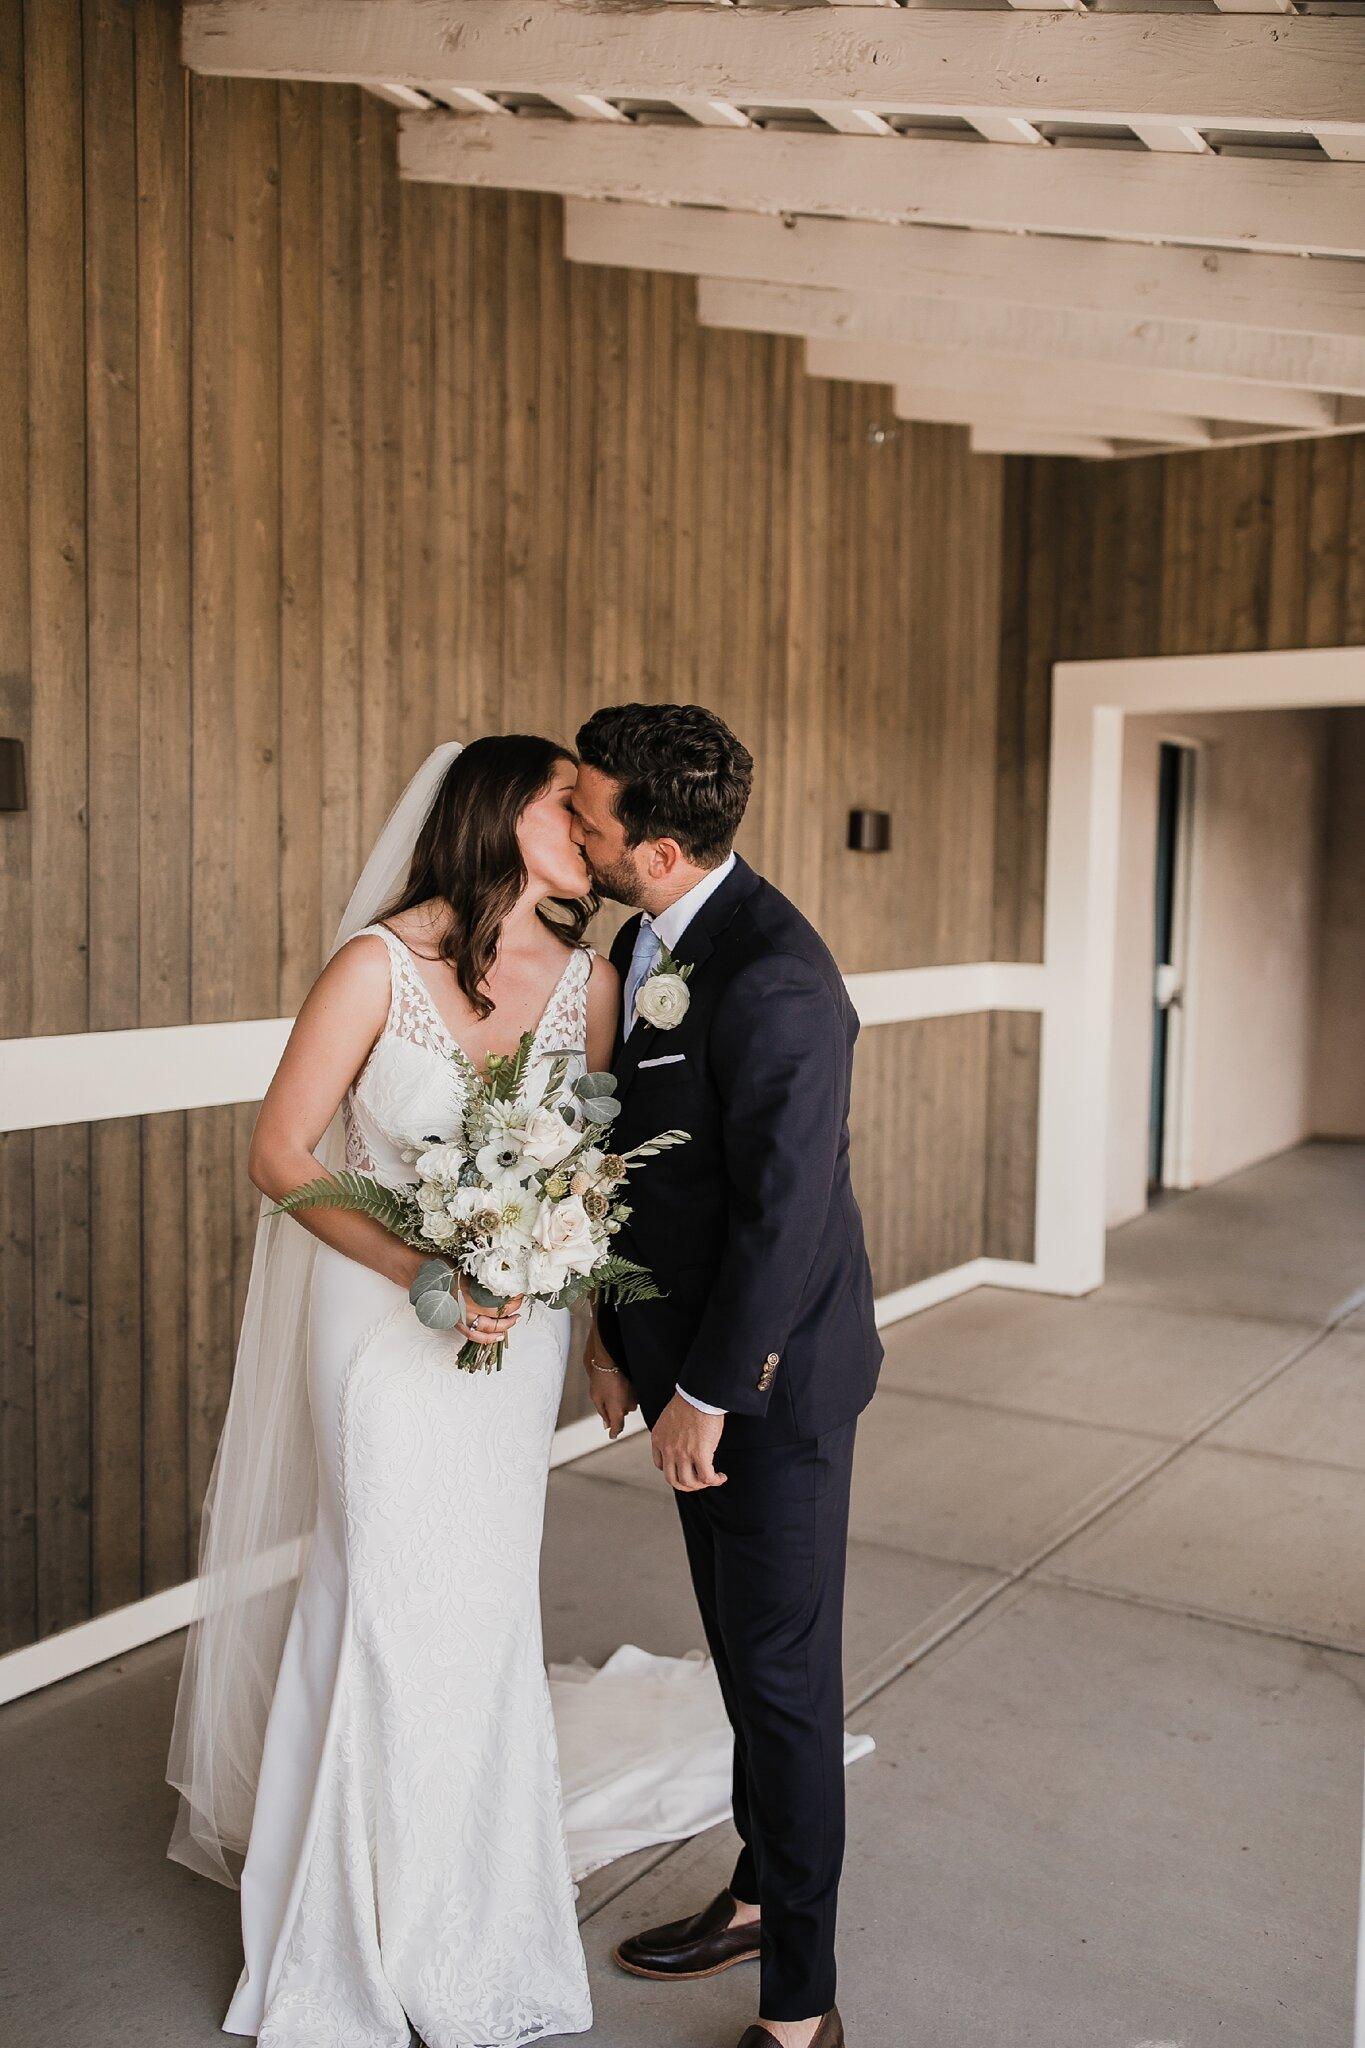 Alicia+lucia+photography+-+albuquerque+wedding+photographer+-+santa+fe+wedding+photography+-+new+mexico+wedding+photographer+-+new+mexico+wedding+-+wedding+-+albuquerque+wedding+-+los+poblanos+-+los+poblanos+wedding+-+fall+wedding_0033.jpg